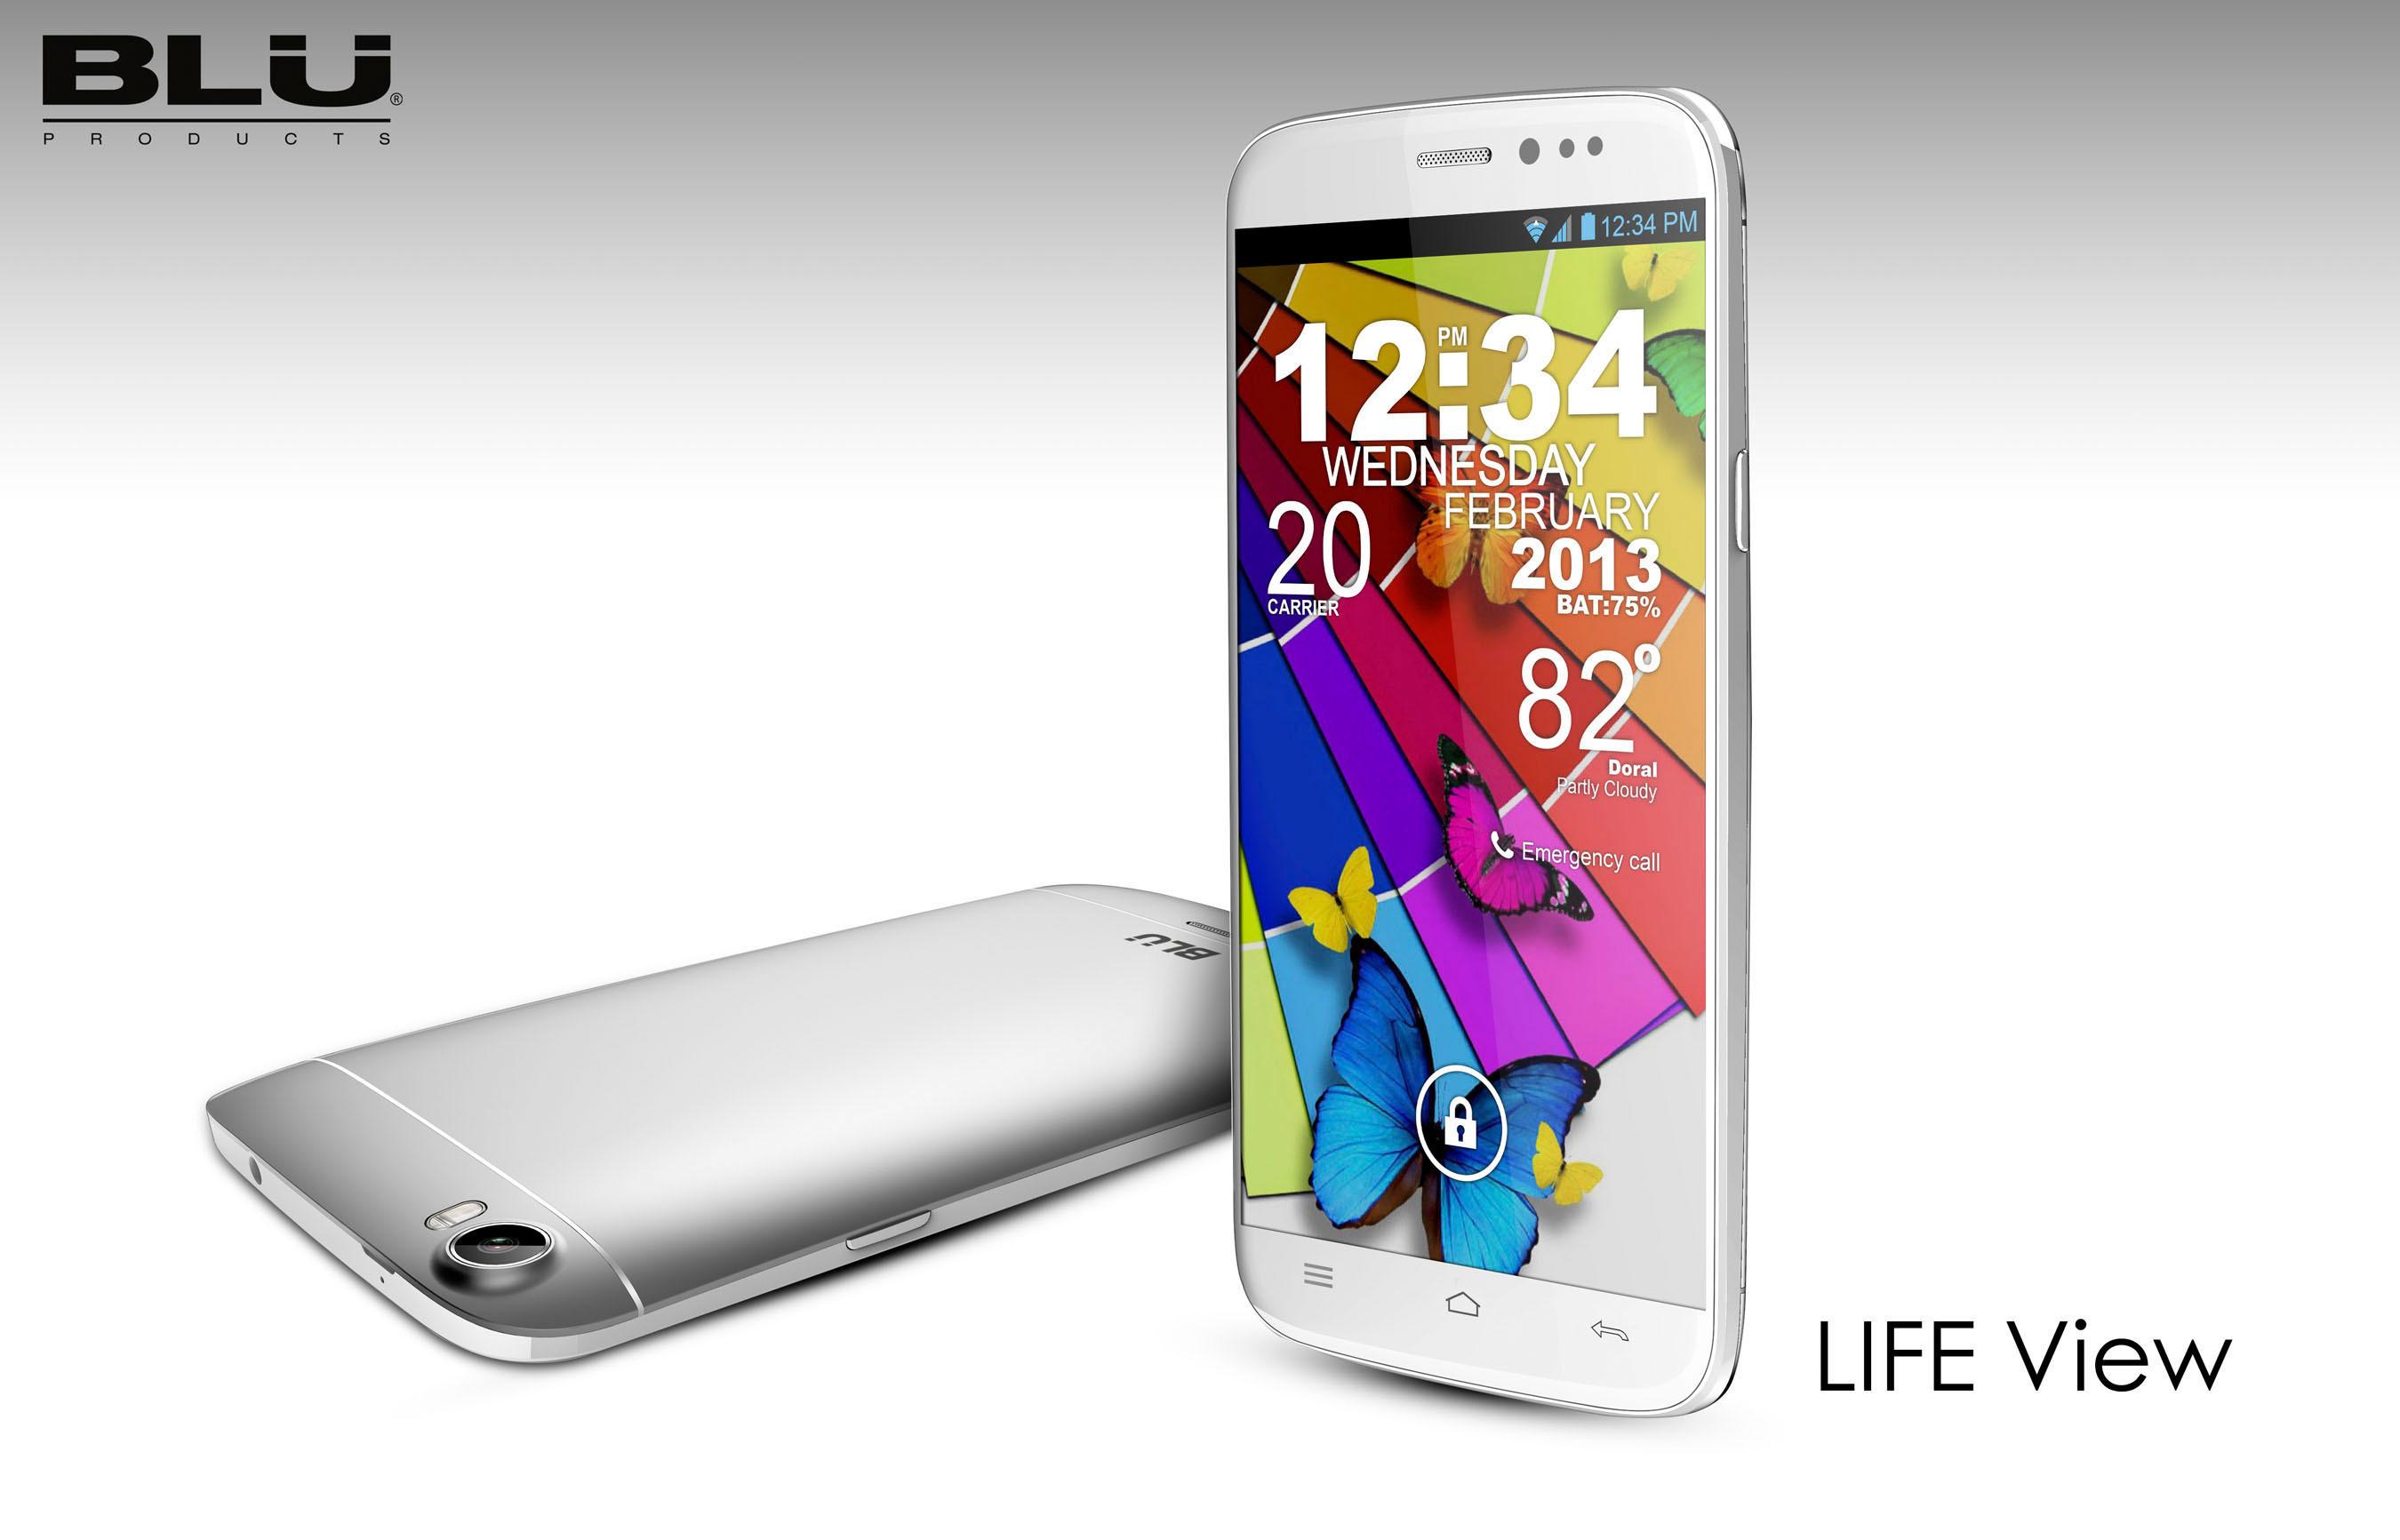 """Blu Life View - nowy smartphone z 5,7"""" ekranem i Android 4.2"""